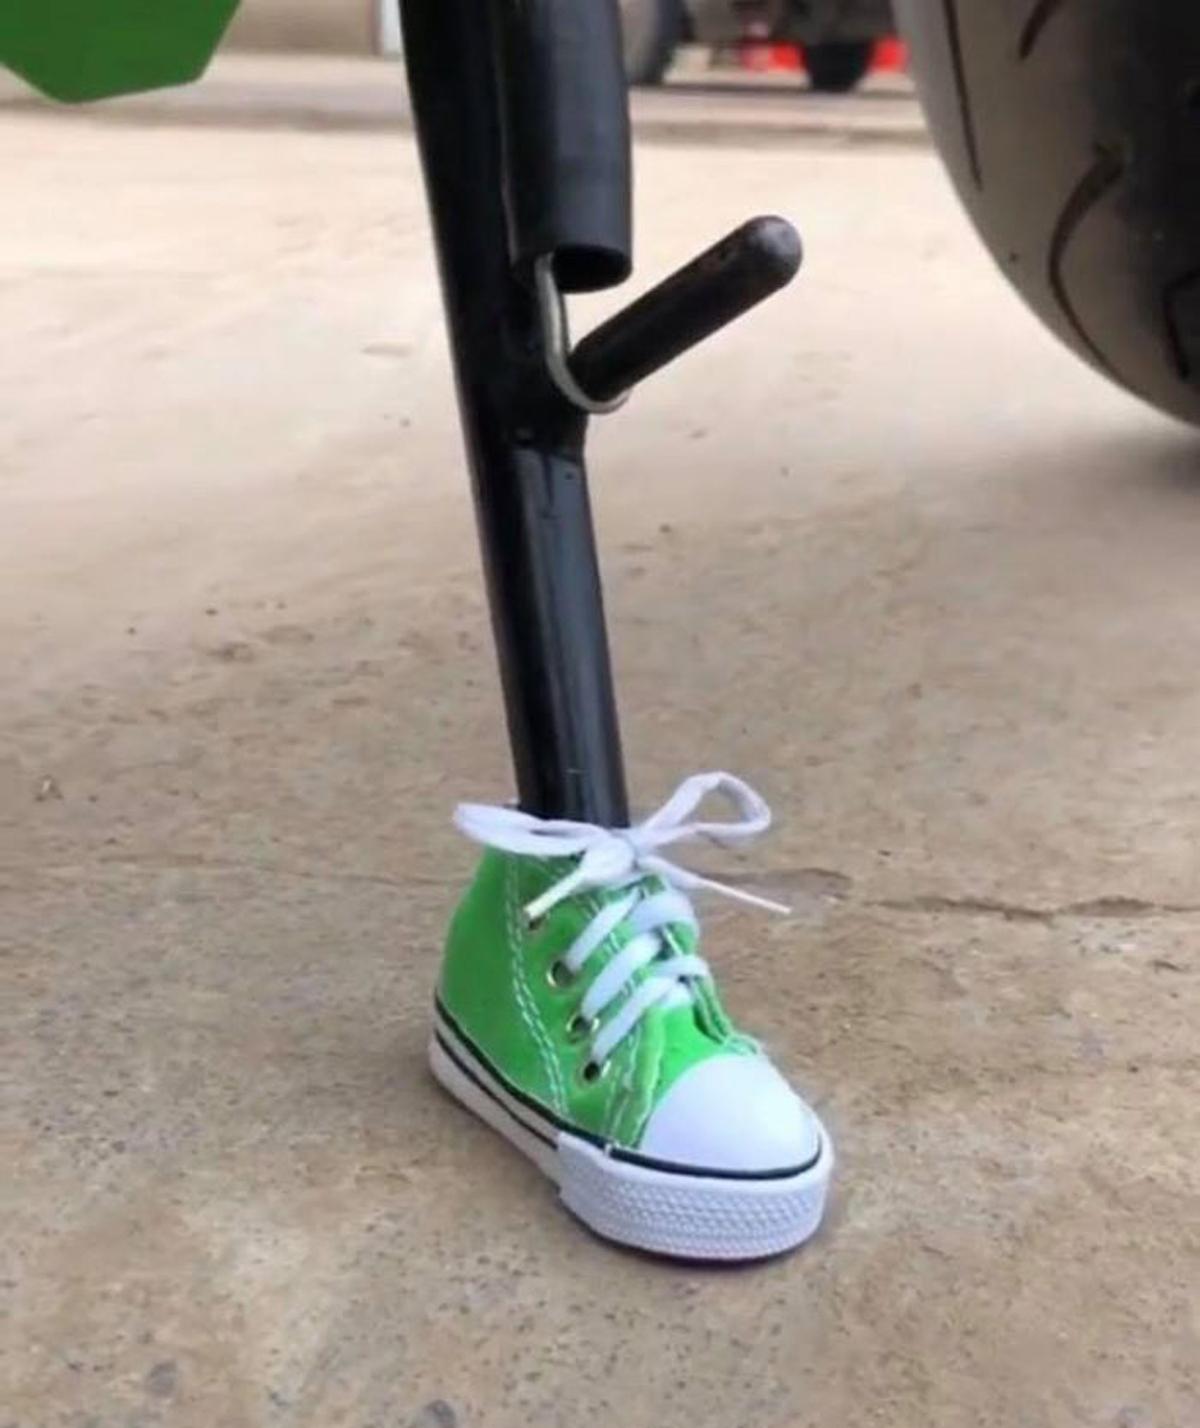 Chân chống xe được mang giày cá tính - 4